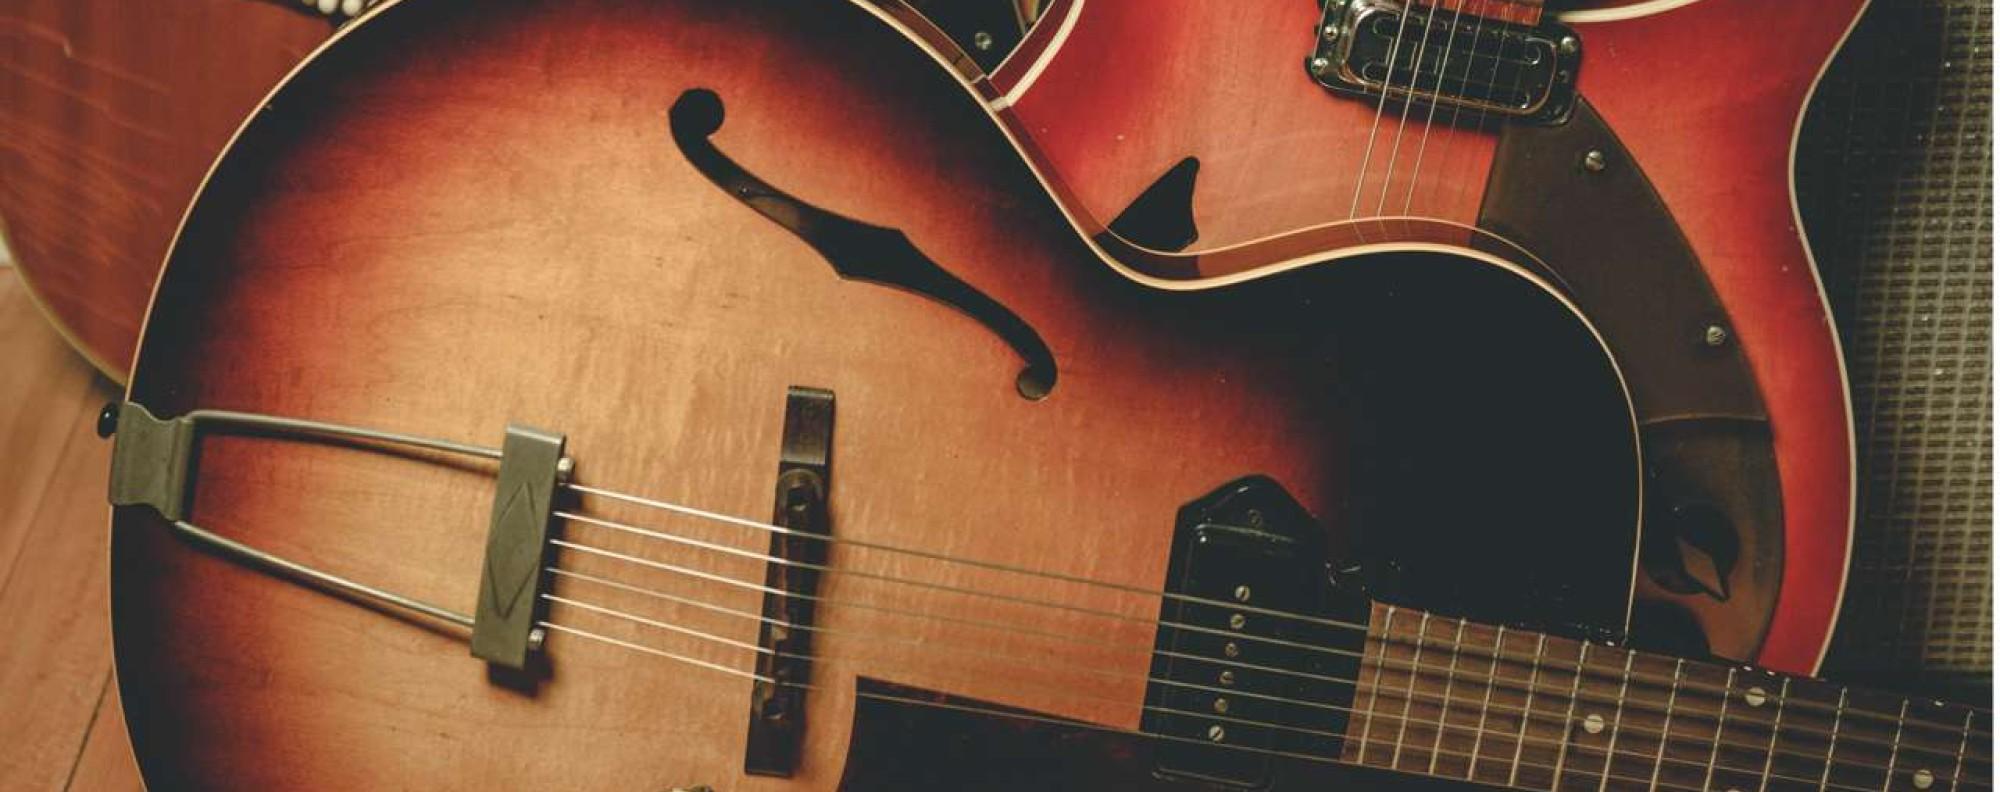 guitar online Vintage